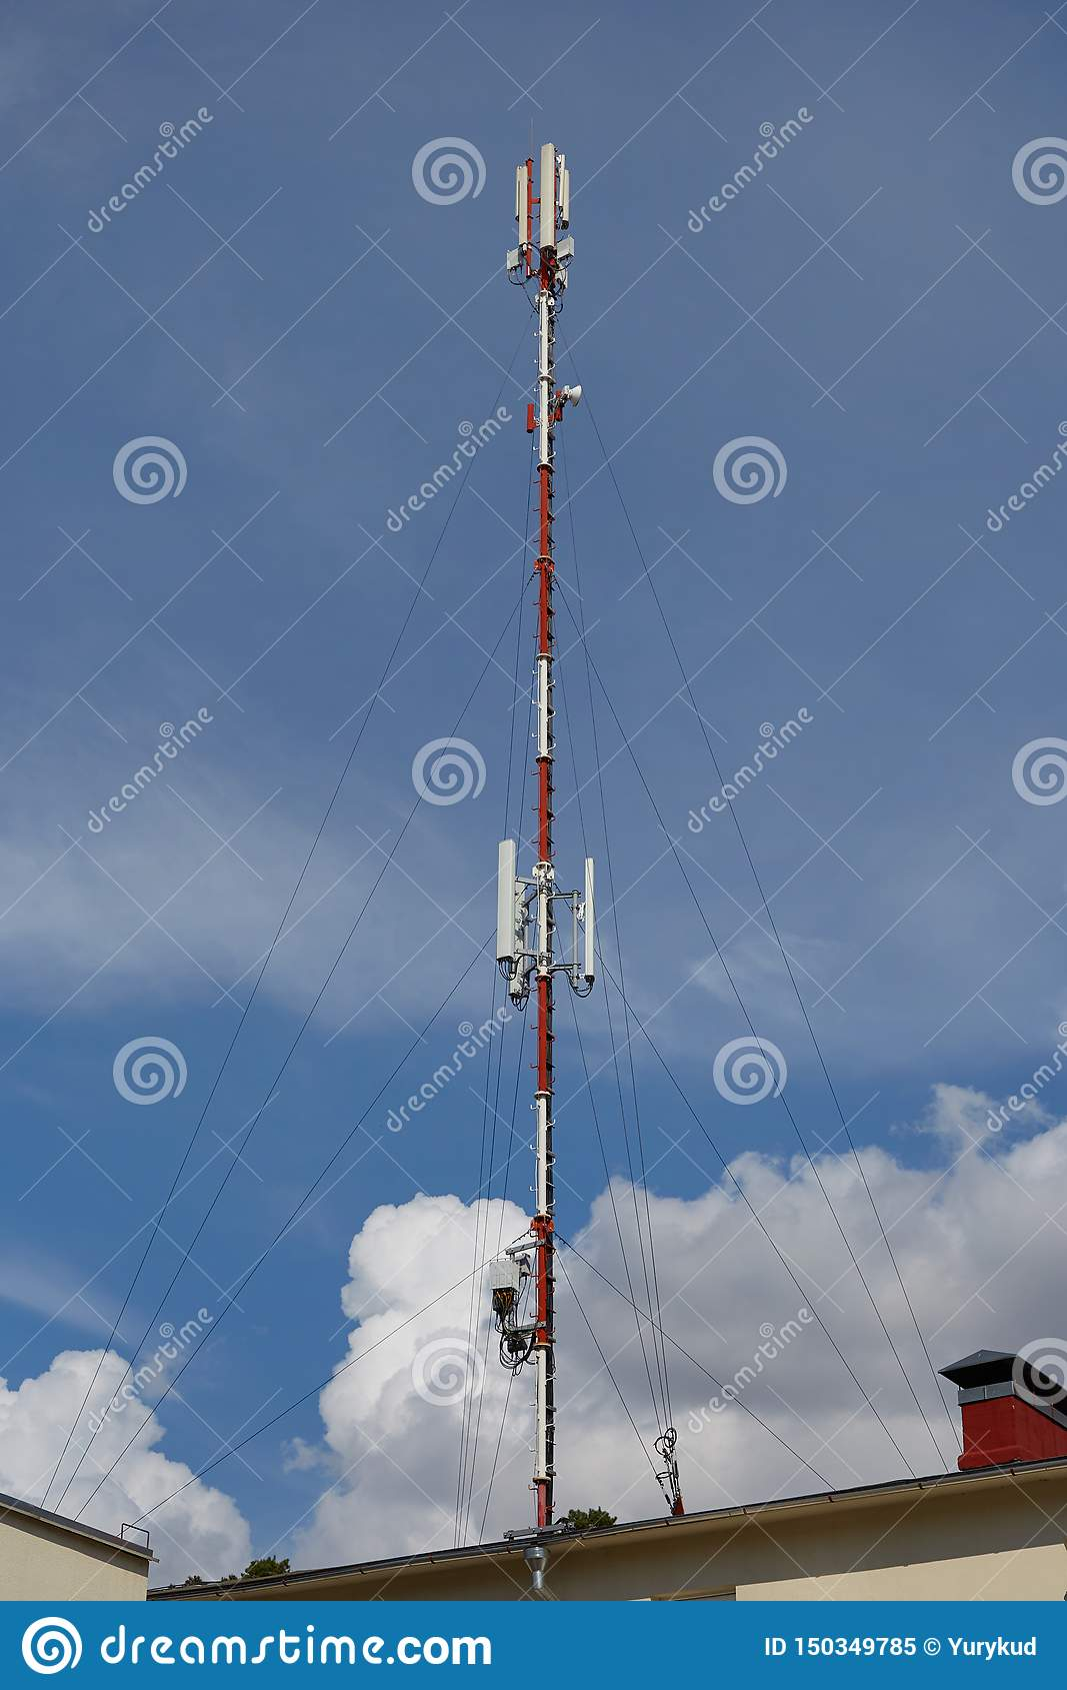 Antena da rede de rádio do celular no sinal de transmissão de construção do telhado sobre a cidade